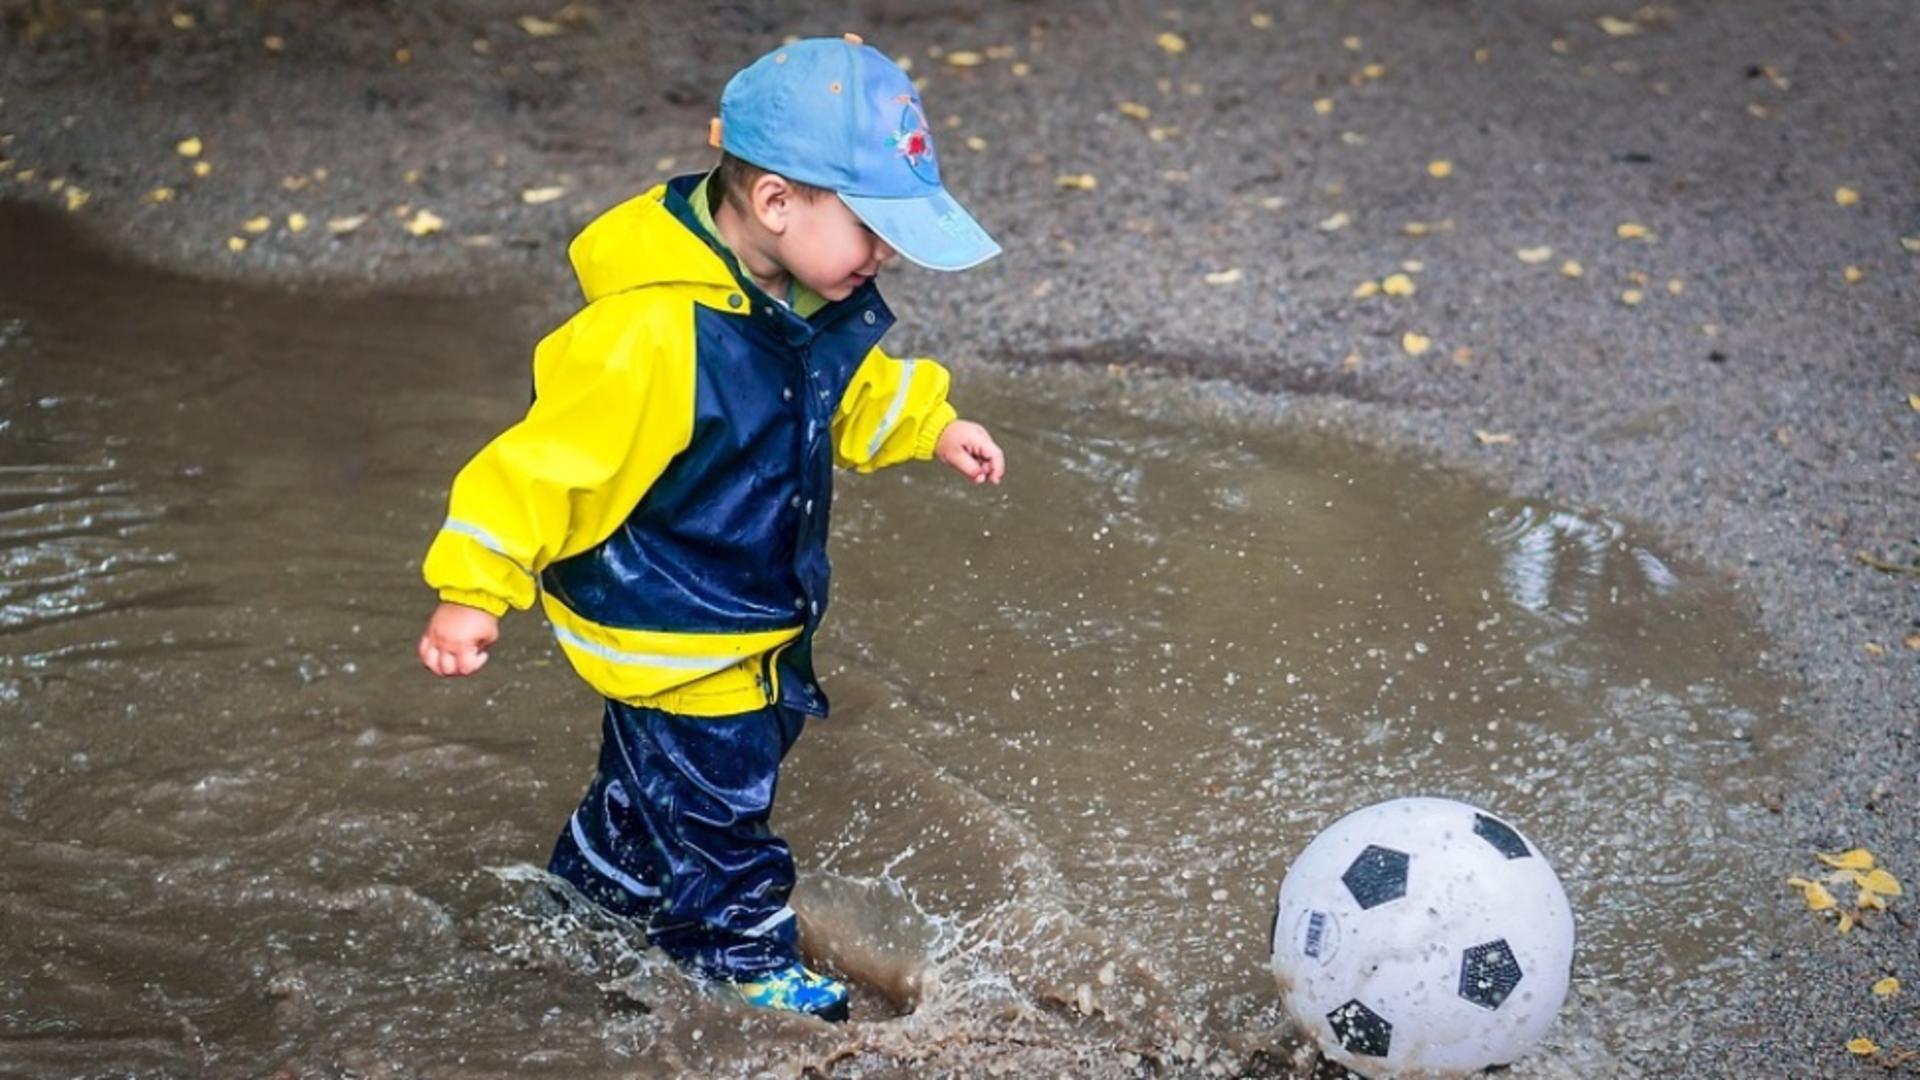 Copil care se joacă în ploaie